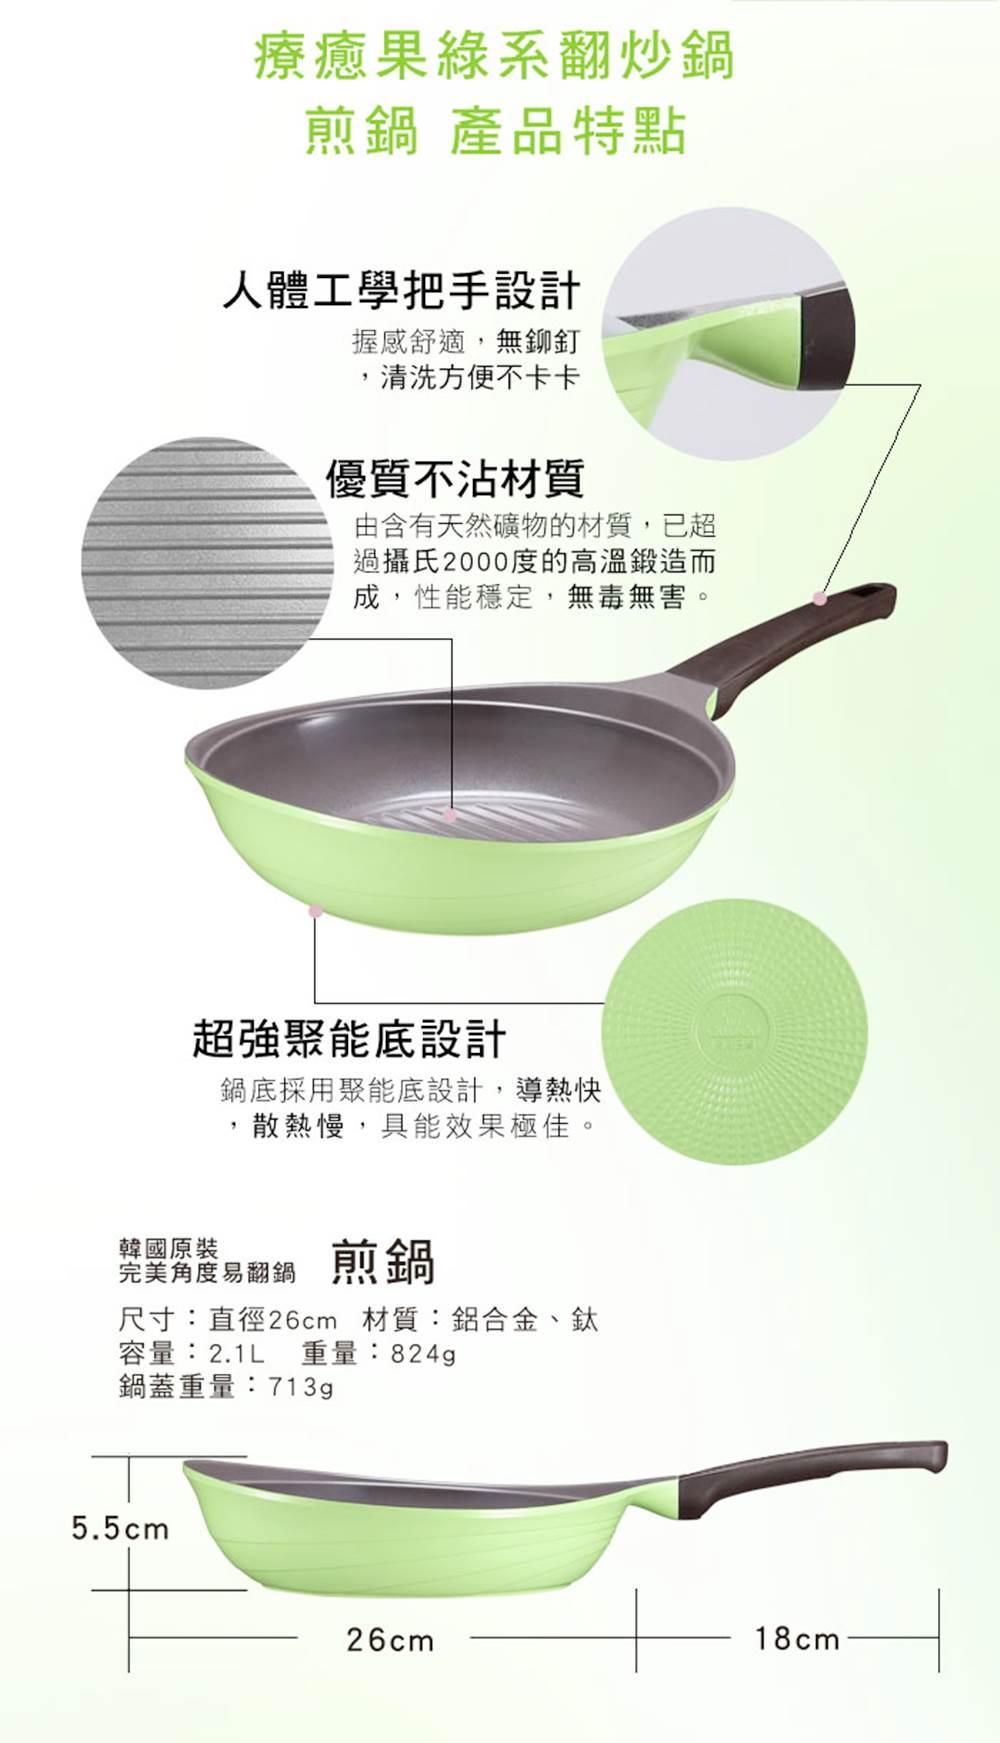 蔥媽媽 青蘋煎鍋 人體工學把手 不沾材質 煮菜導熱快